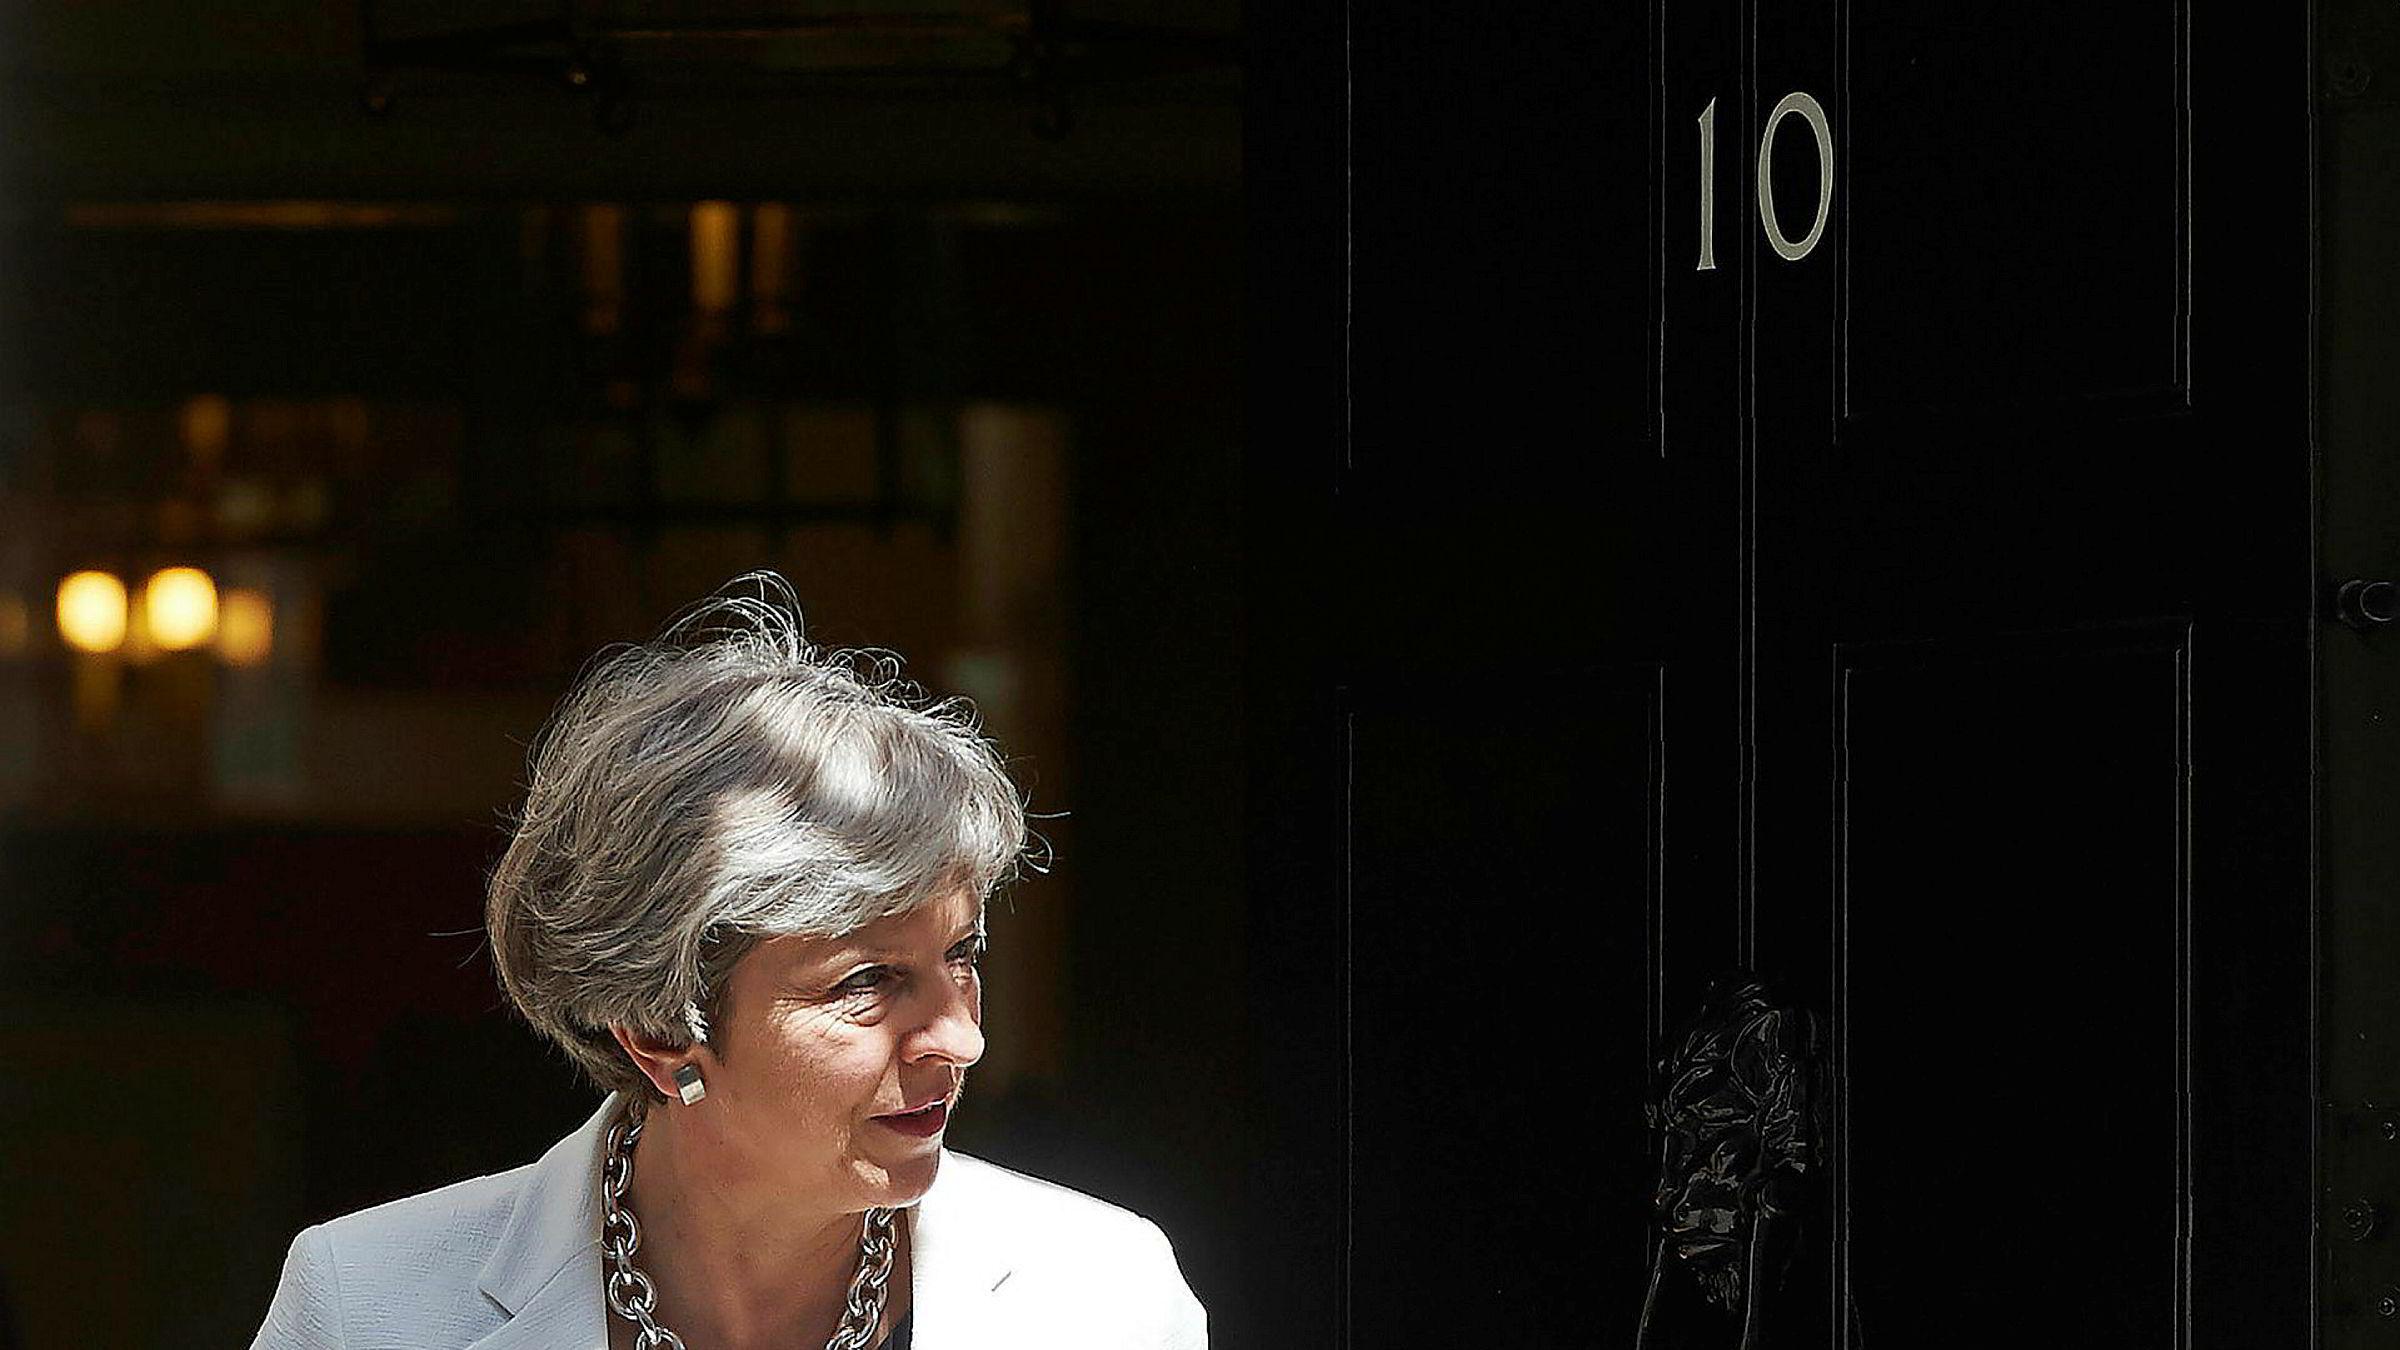 Storbritannias statsminister Theresa May gikk tirsdag hardt ut mot kolleger etter lekkasjer fra et kabinettmøte forrige uke. May sliter med tilliten etter valgnederlaget i juni, der De konservative tapte flertallet i parlamentet.